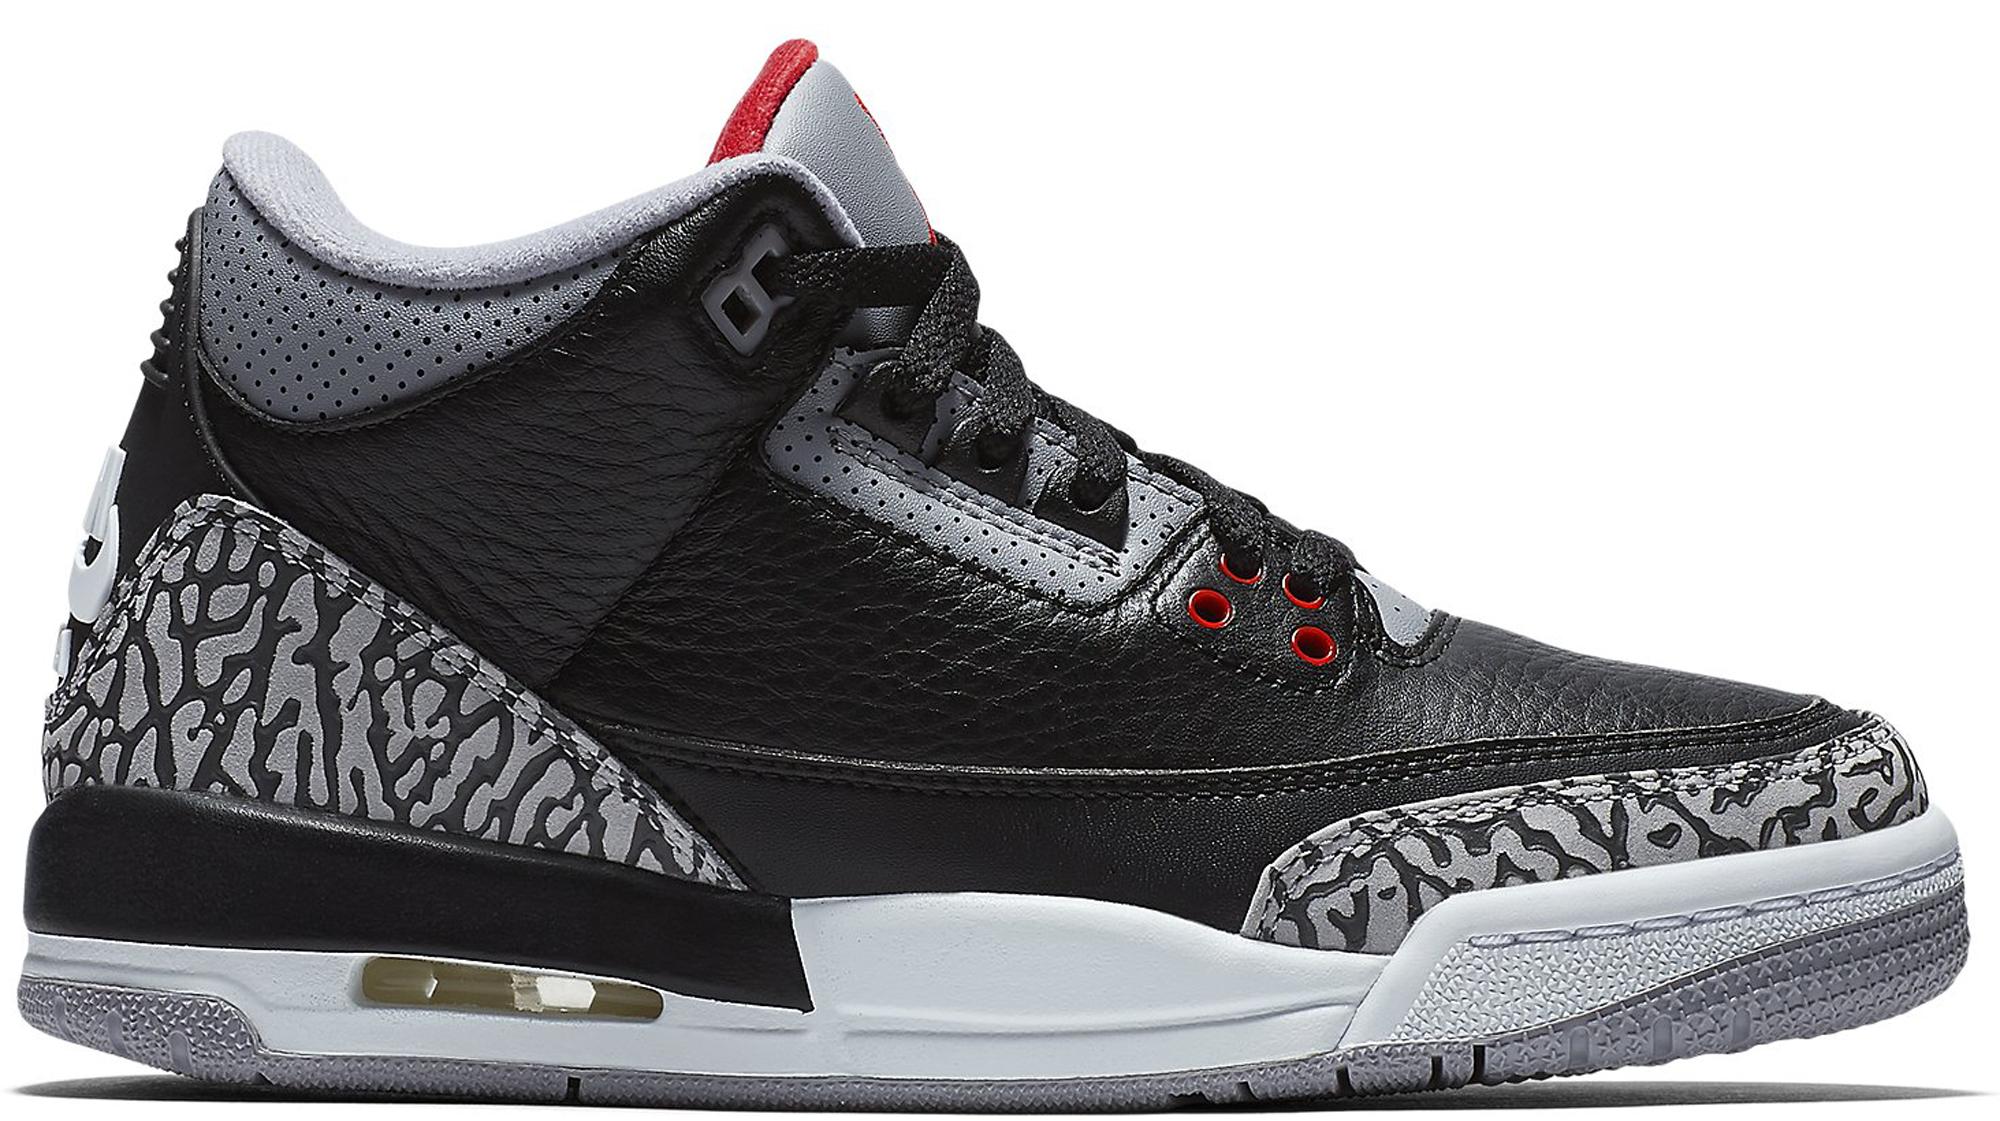 best sneakers 2f5fe 67ff4 black on black air jordan xc